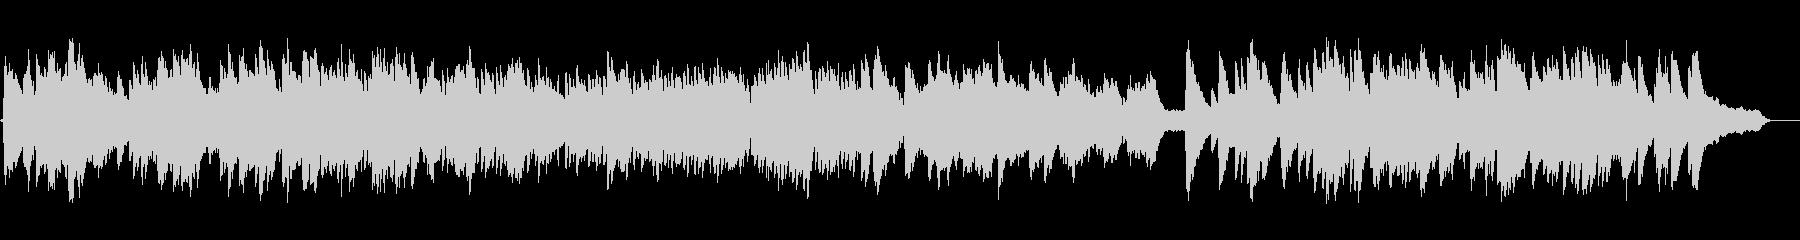 90秒の叙情的なピアノ曲の未再生の波形